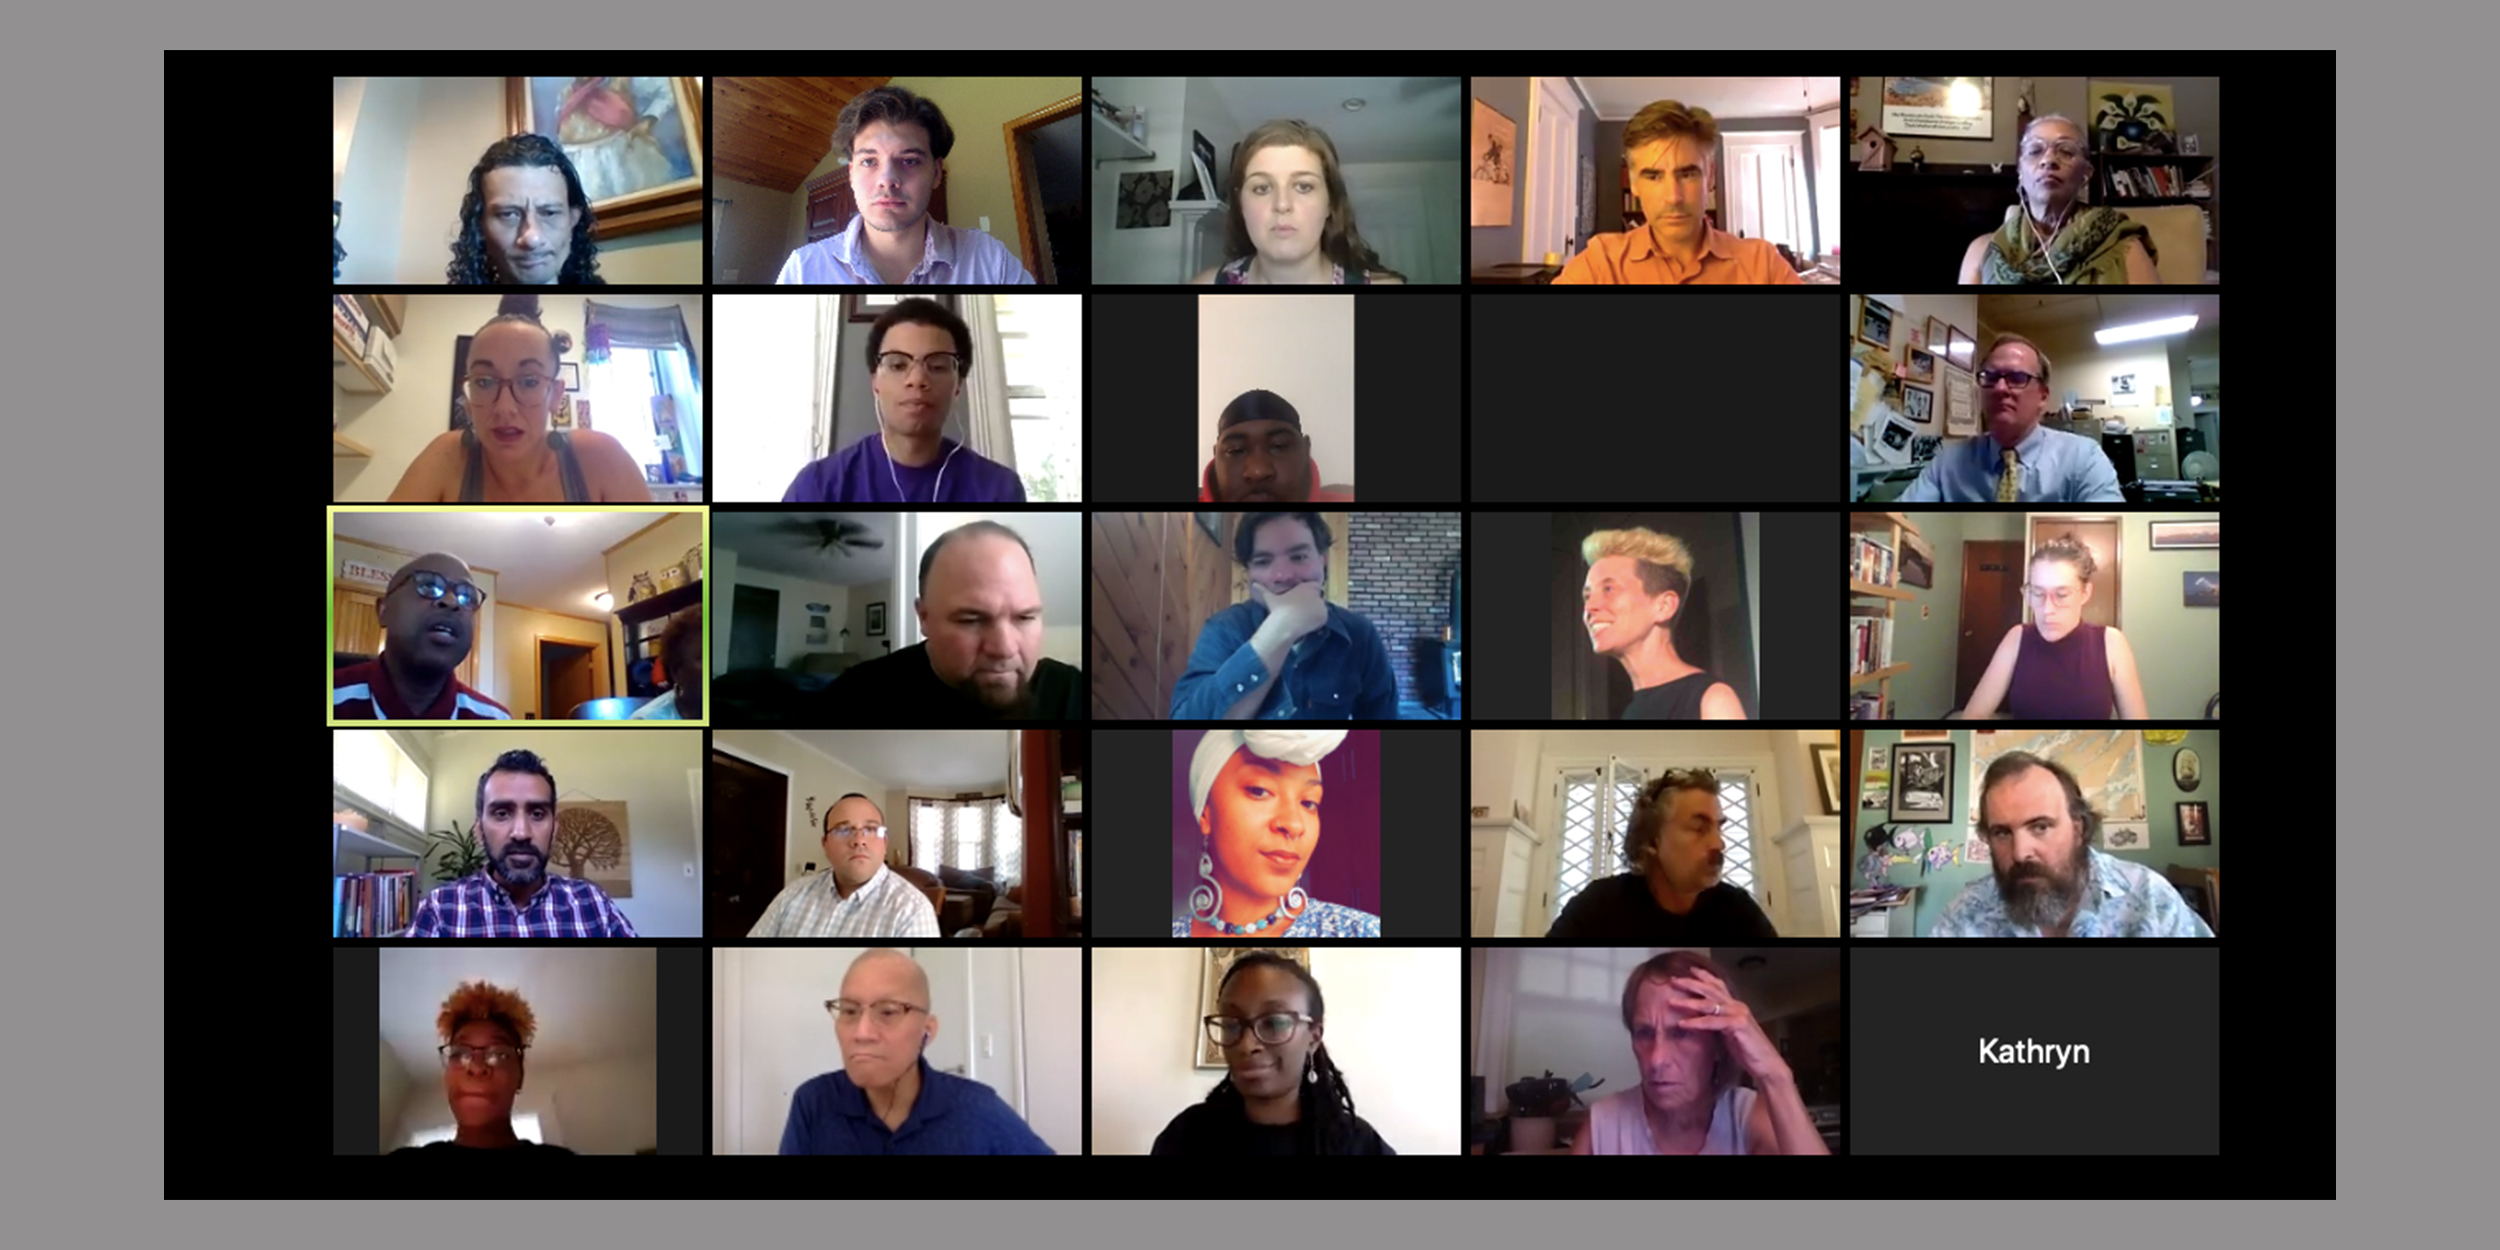 Weekend meetings focus on PAB, diversity